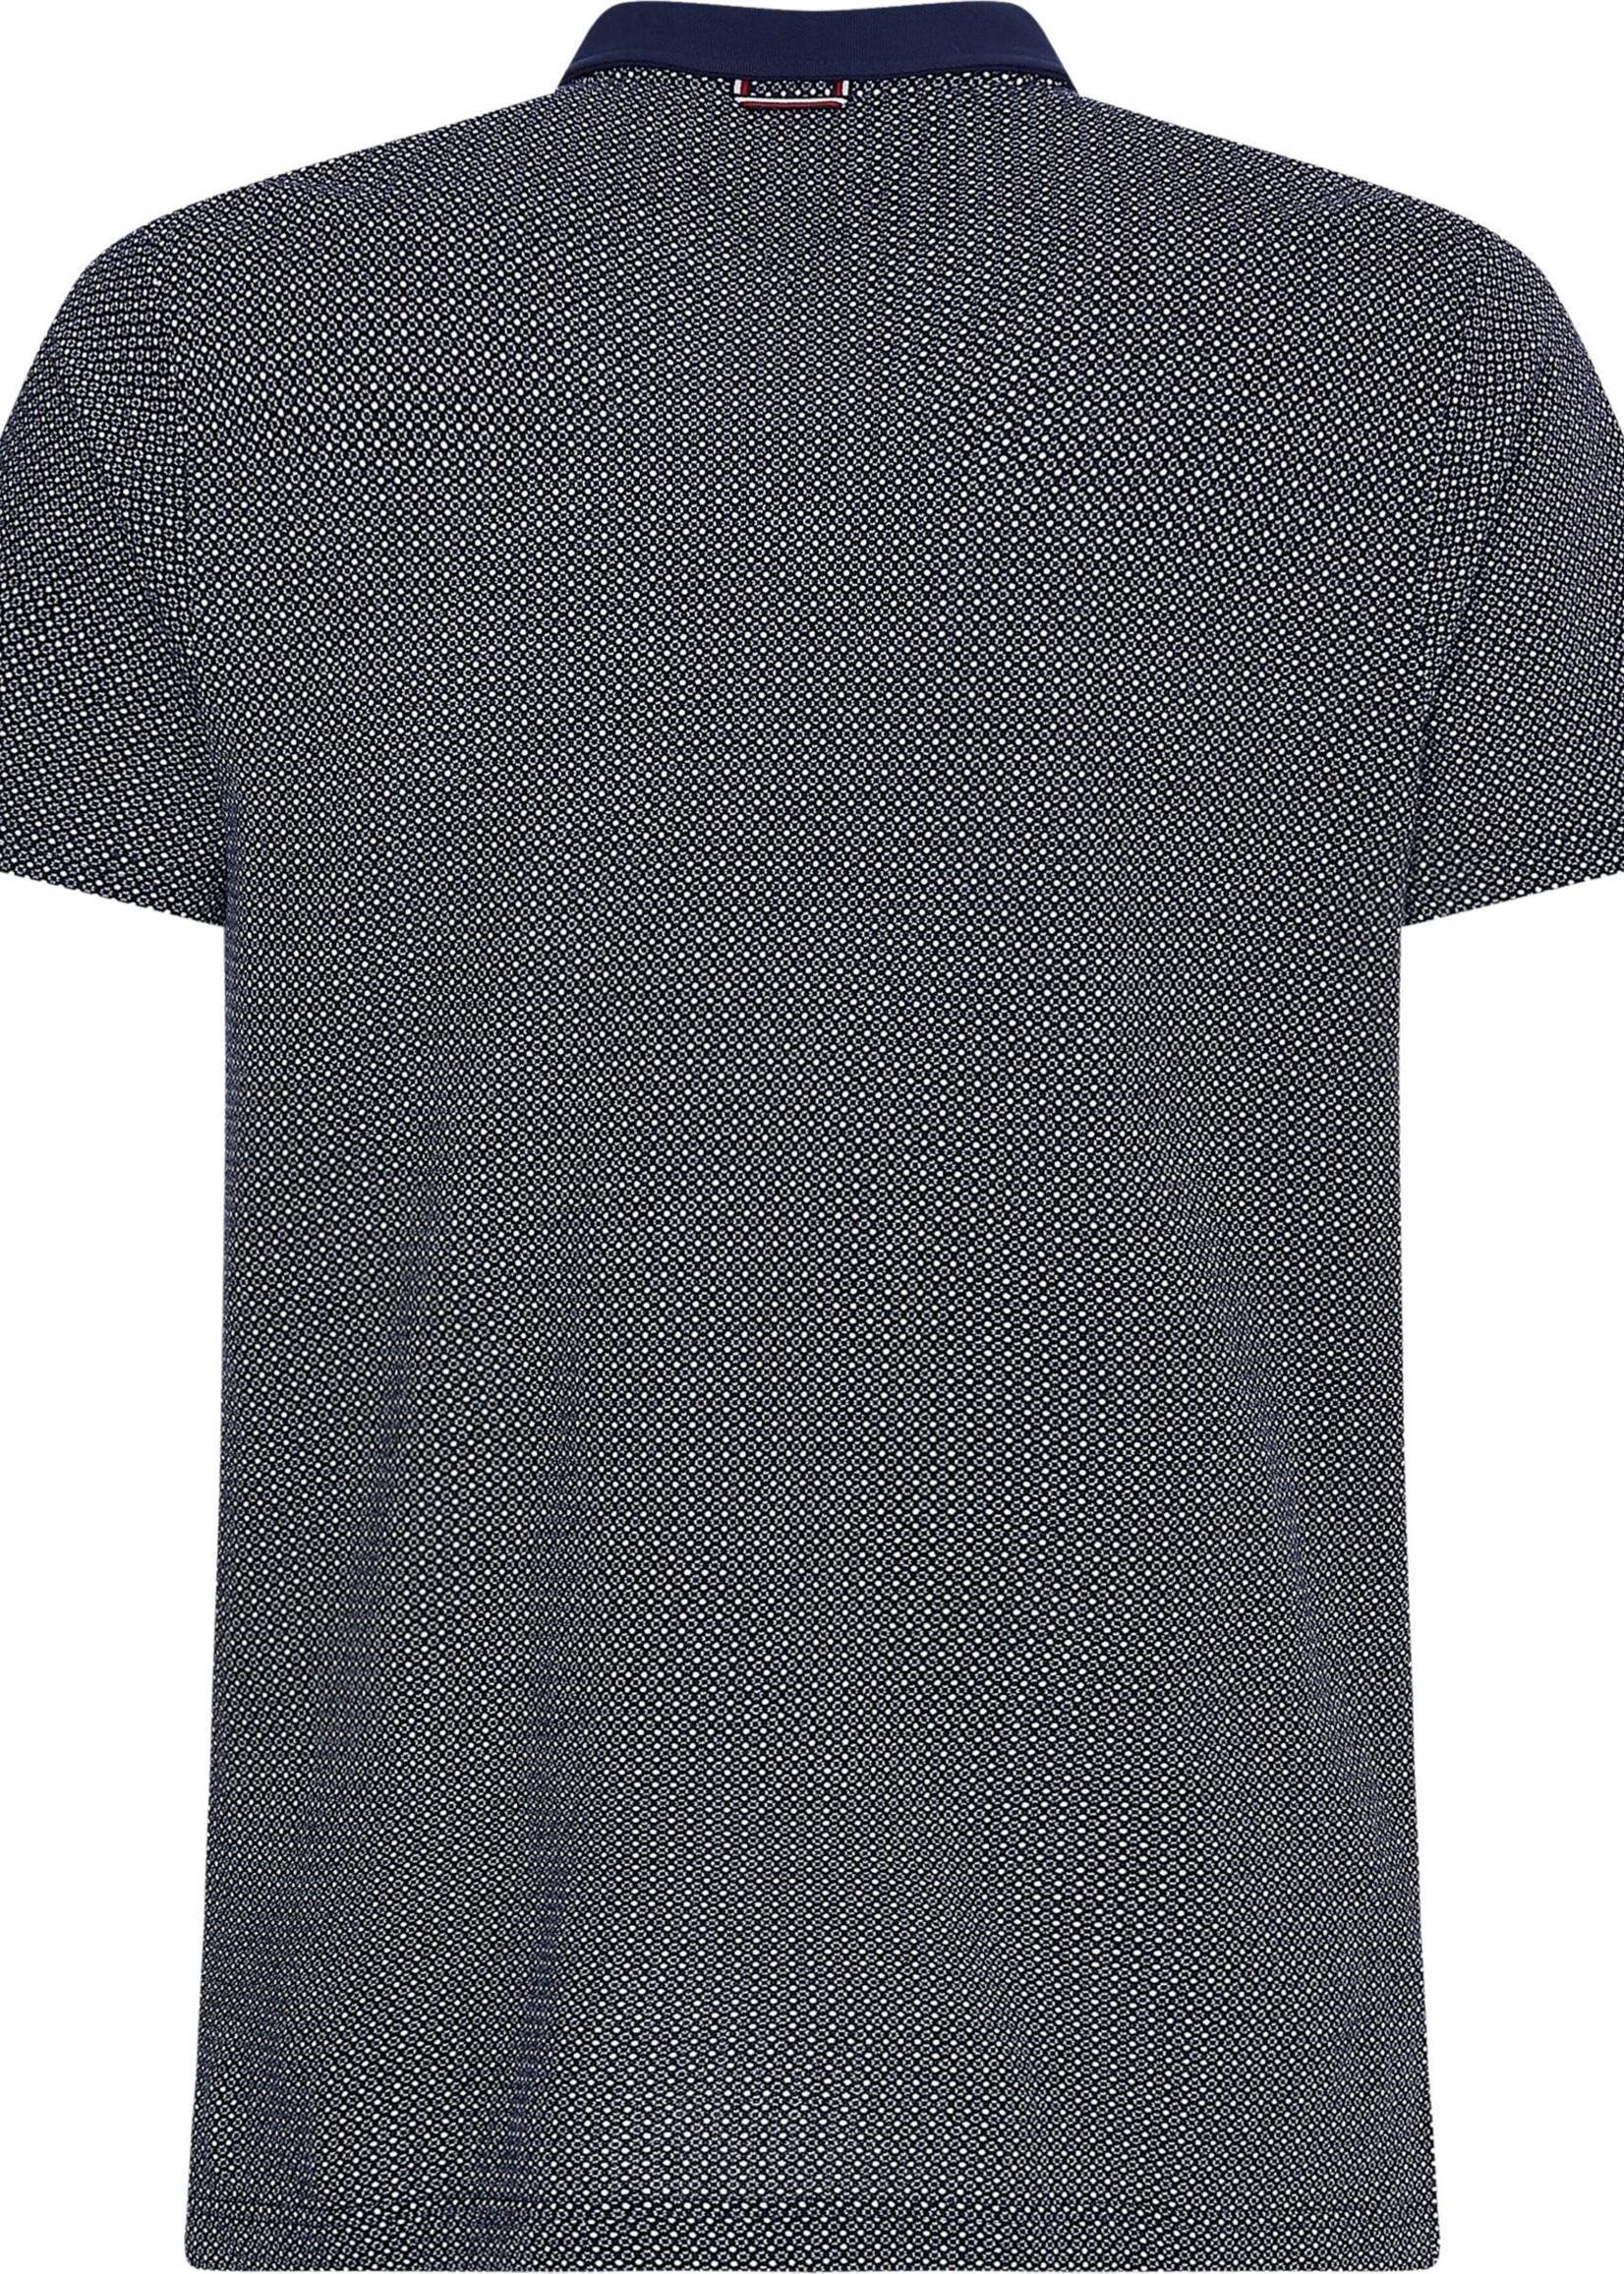 Tommy Hilfiger Polo ajusté en coton à micro-motif   Bleu   Tommy Hilfiger